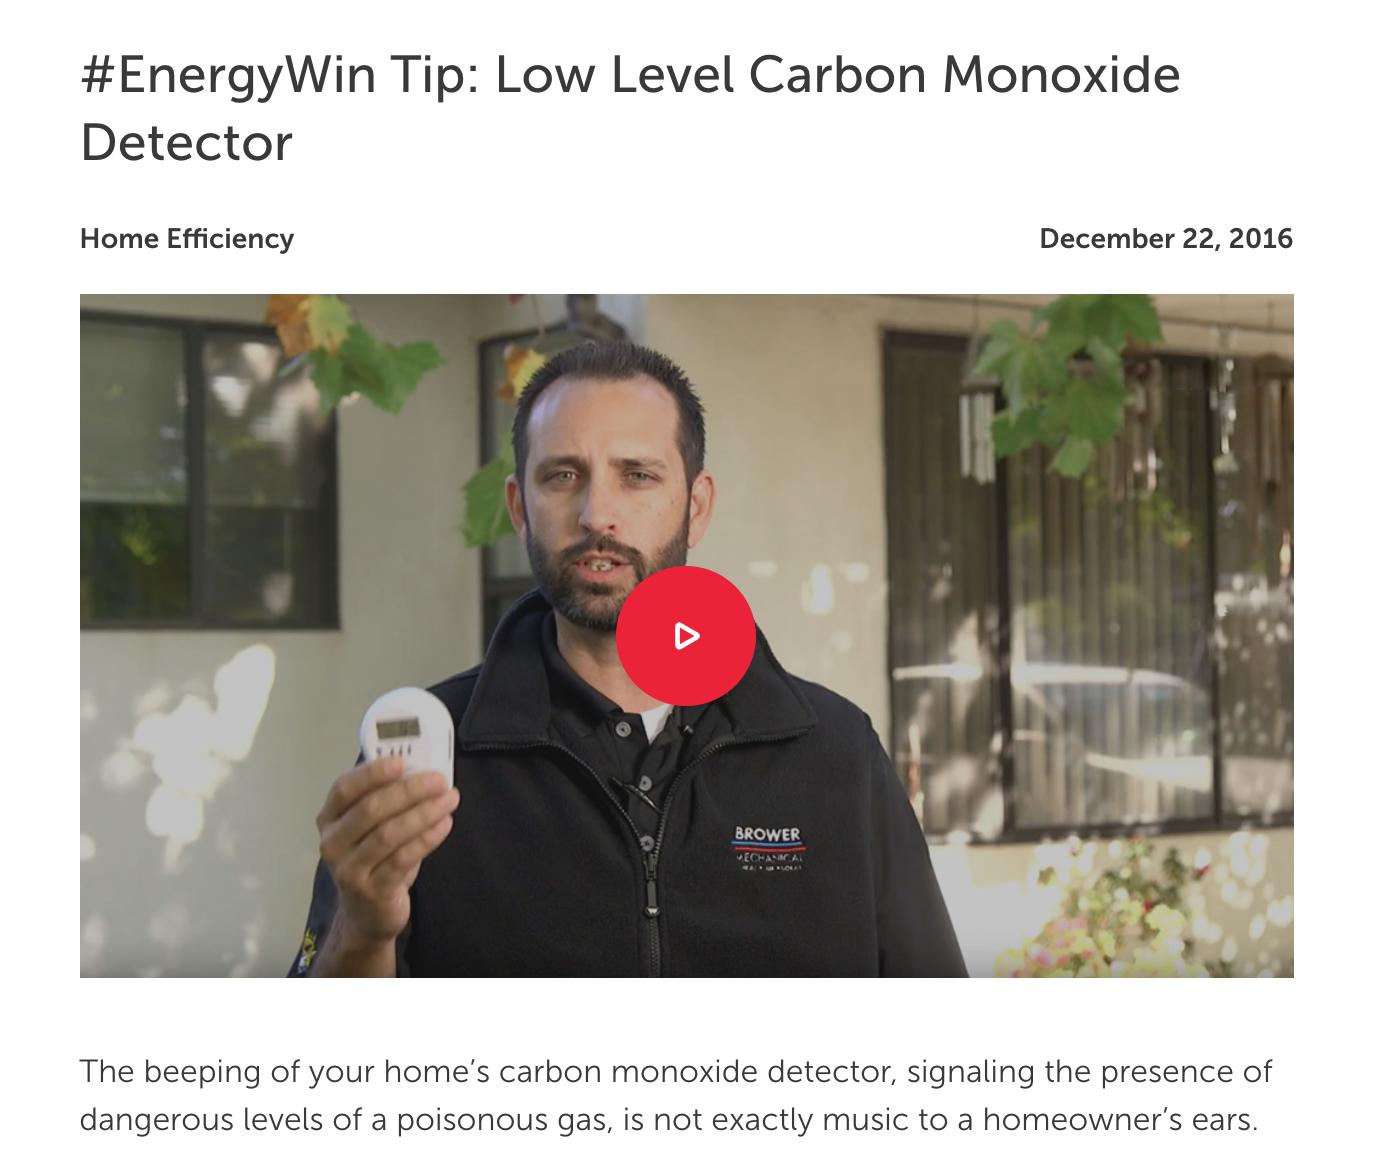 #EnergyWin Tip: Low Level Carbon Monoxide Detector